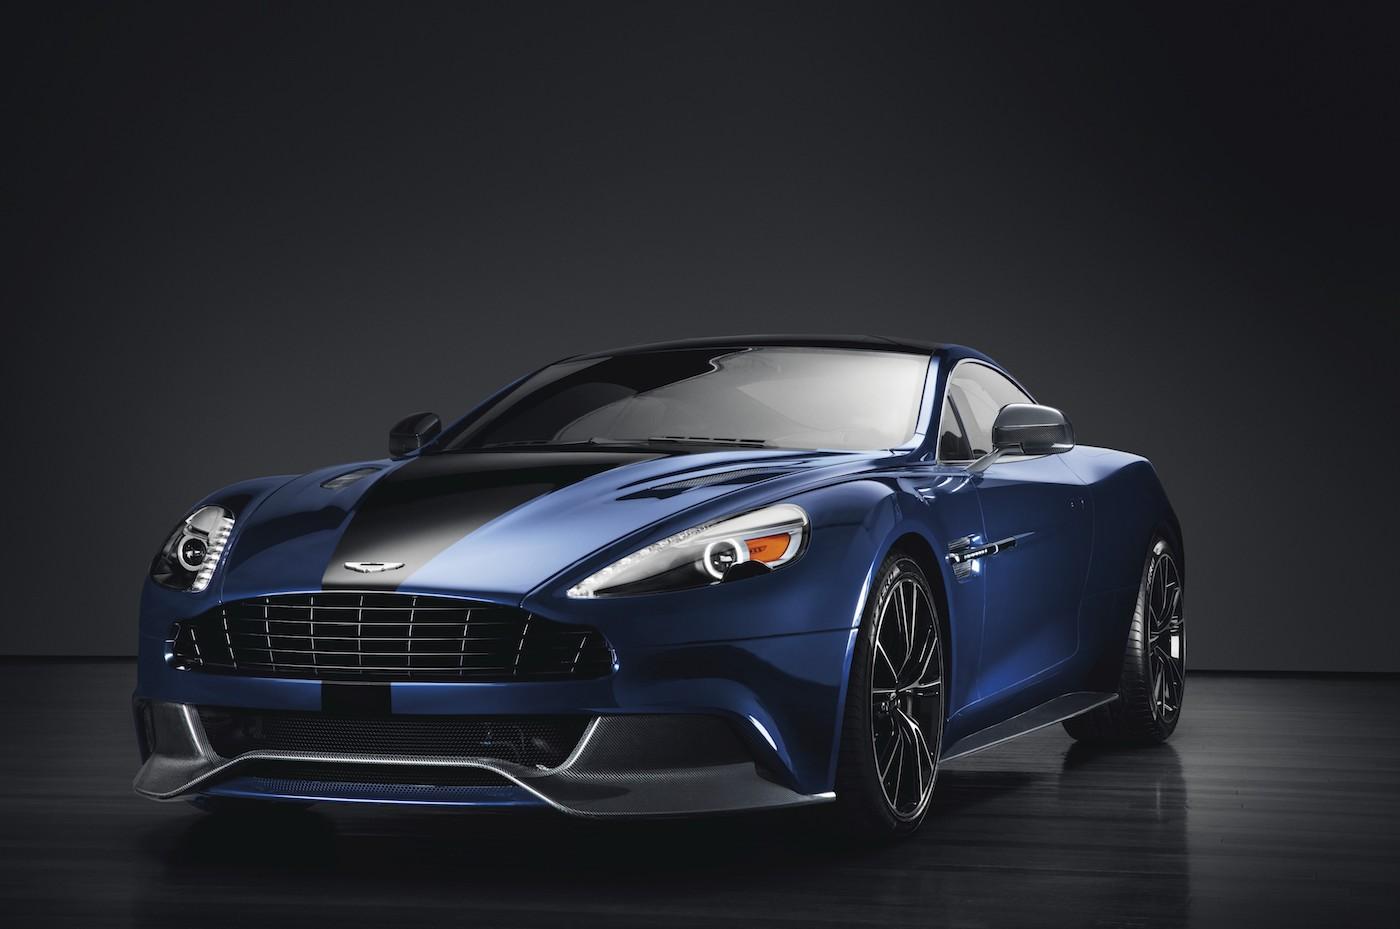 007: Daniel Craig's Aston Martin Vanquish wird in New York versteigert 2